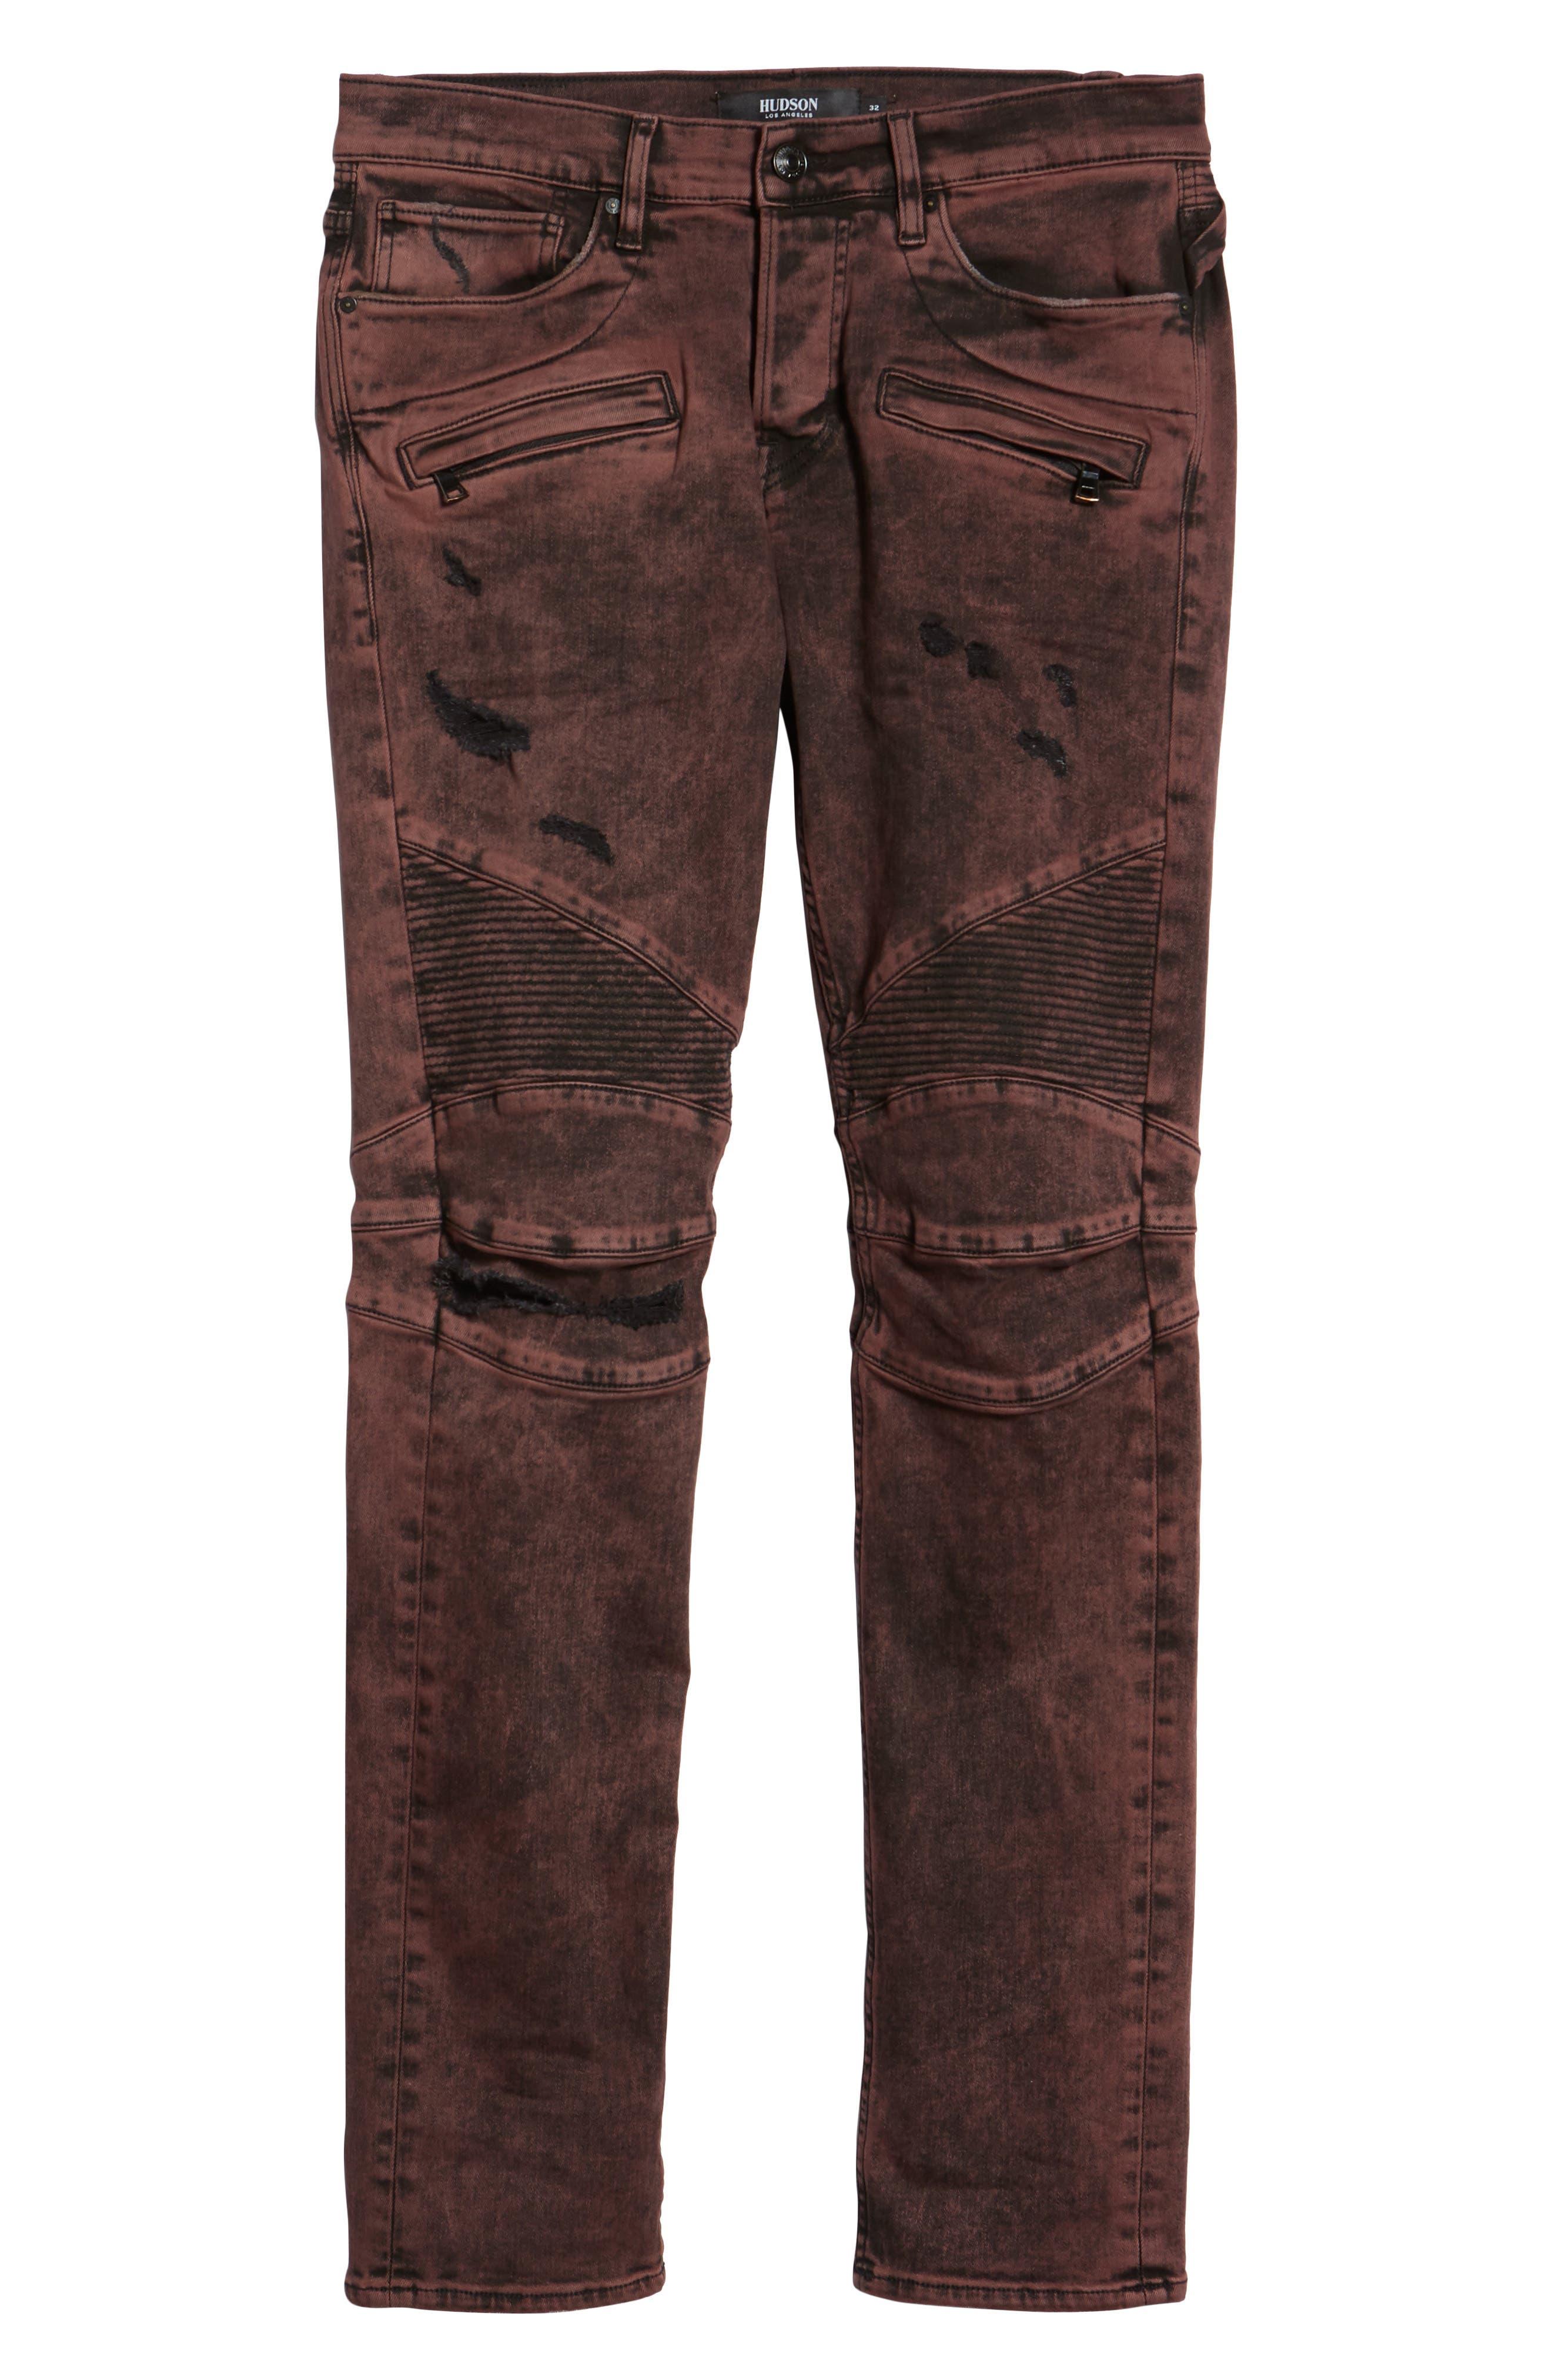 HUDSON JEANS, Blinder Biker Skinny Fit Jeans, Alternate thumbnail 6, color, FADED OX BLOOD